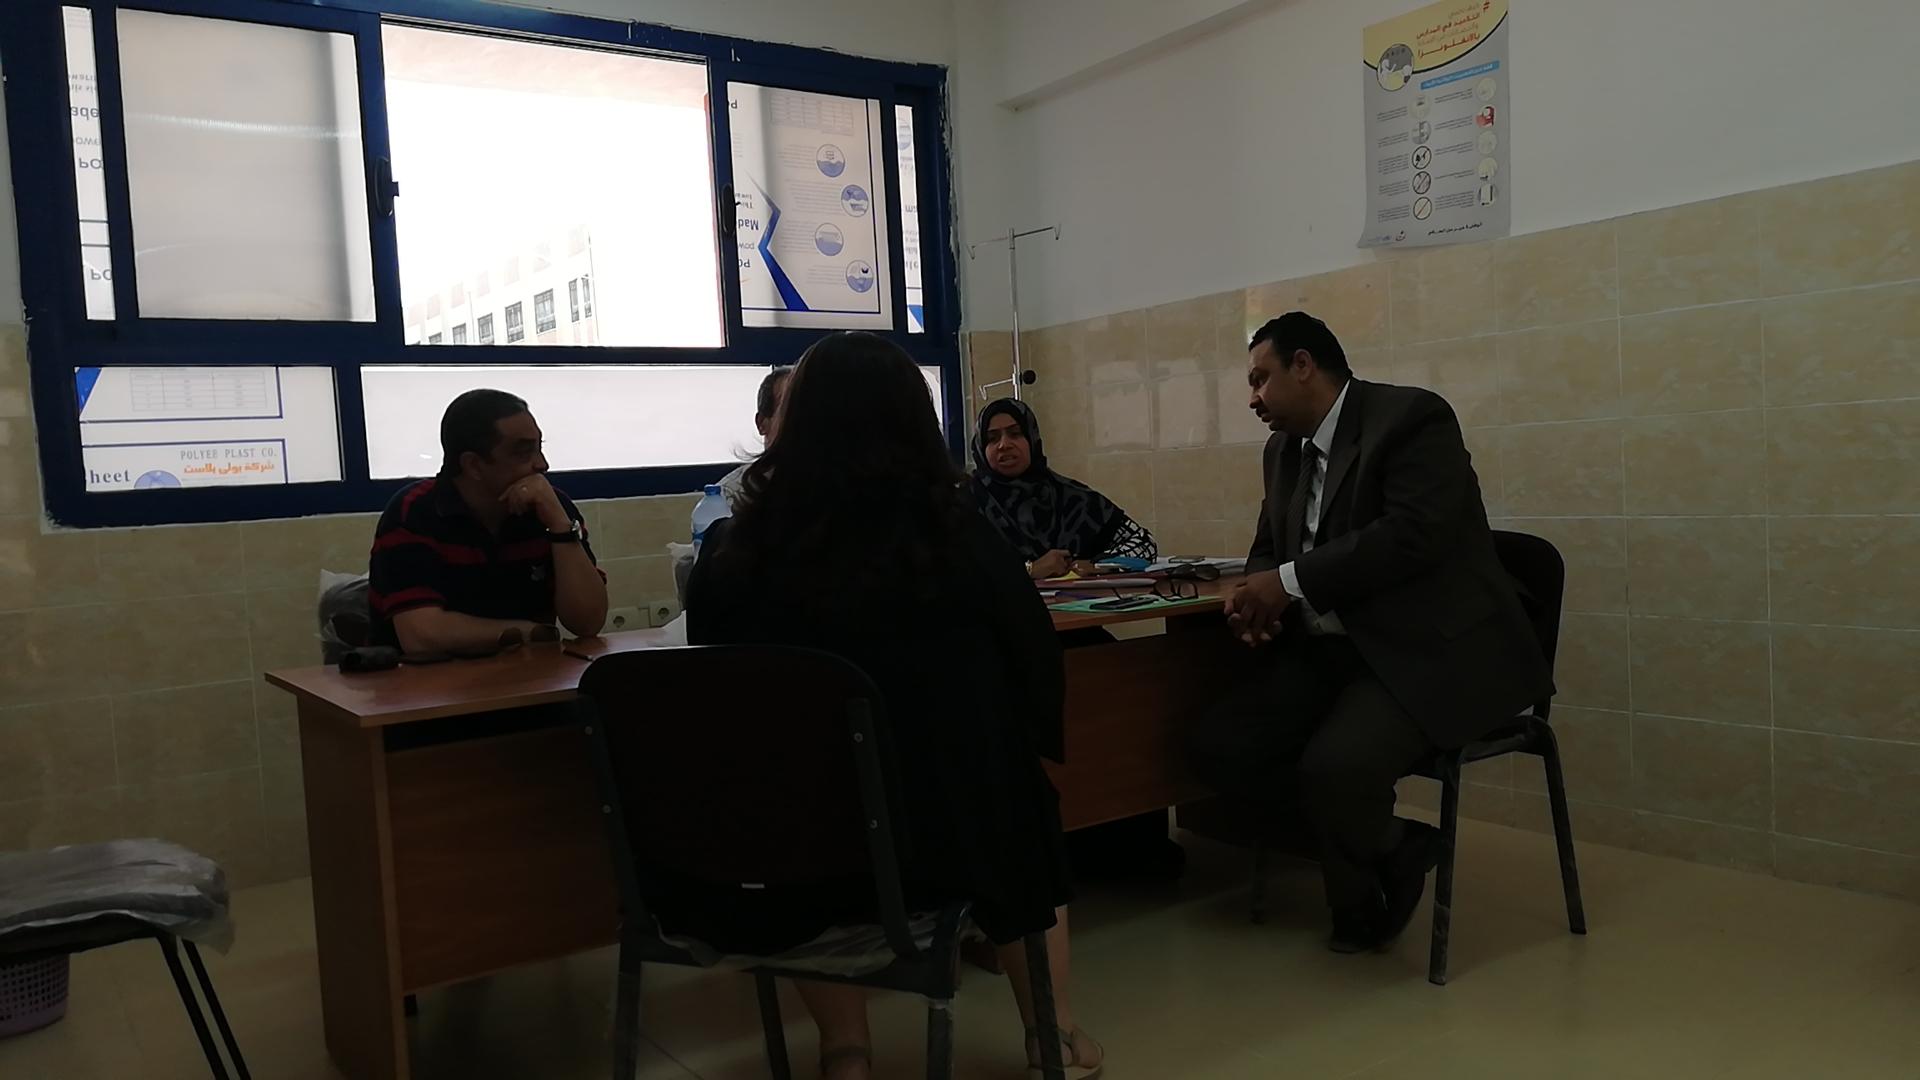 لجنة المقابلات الشخصية بالمدارس اليابانية بالغردقة (3)